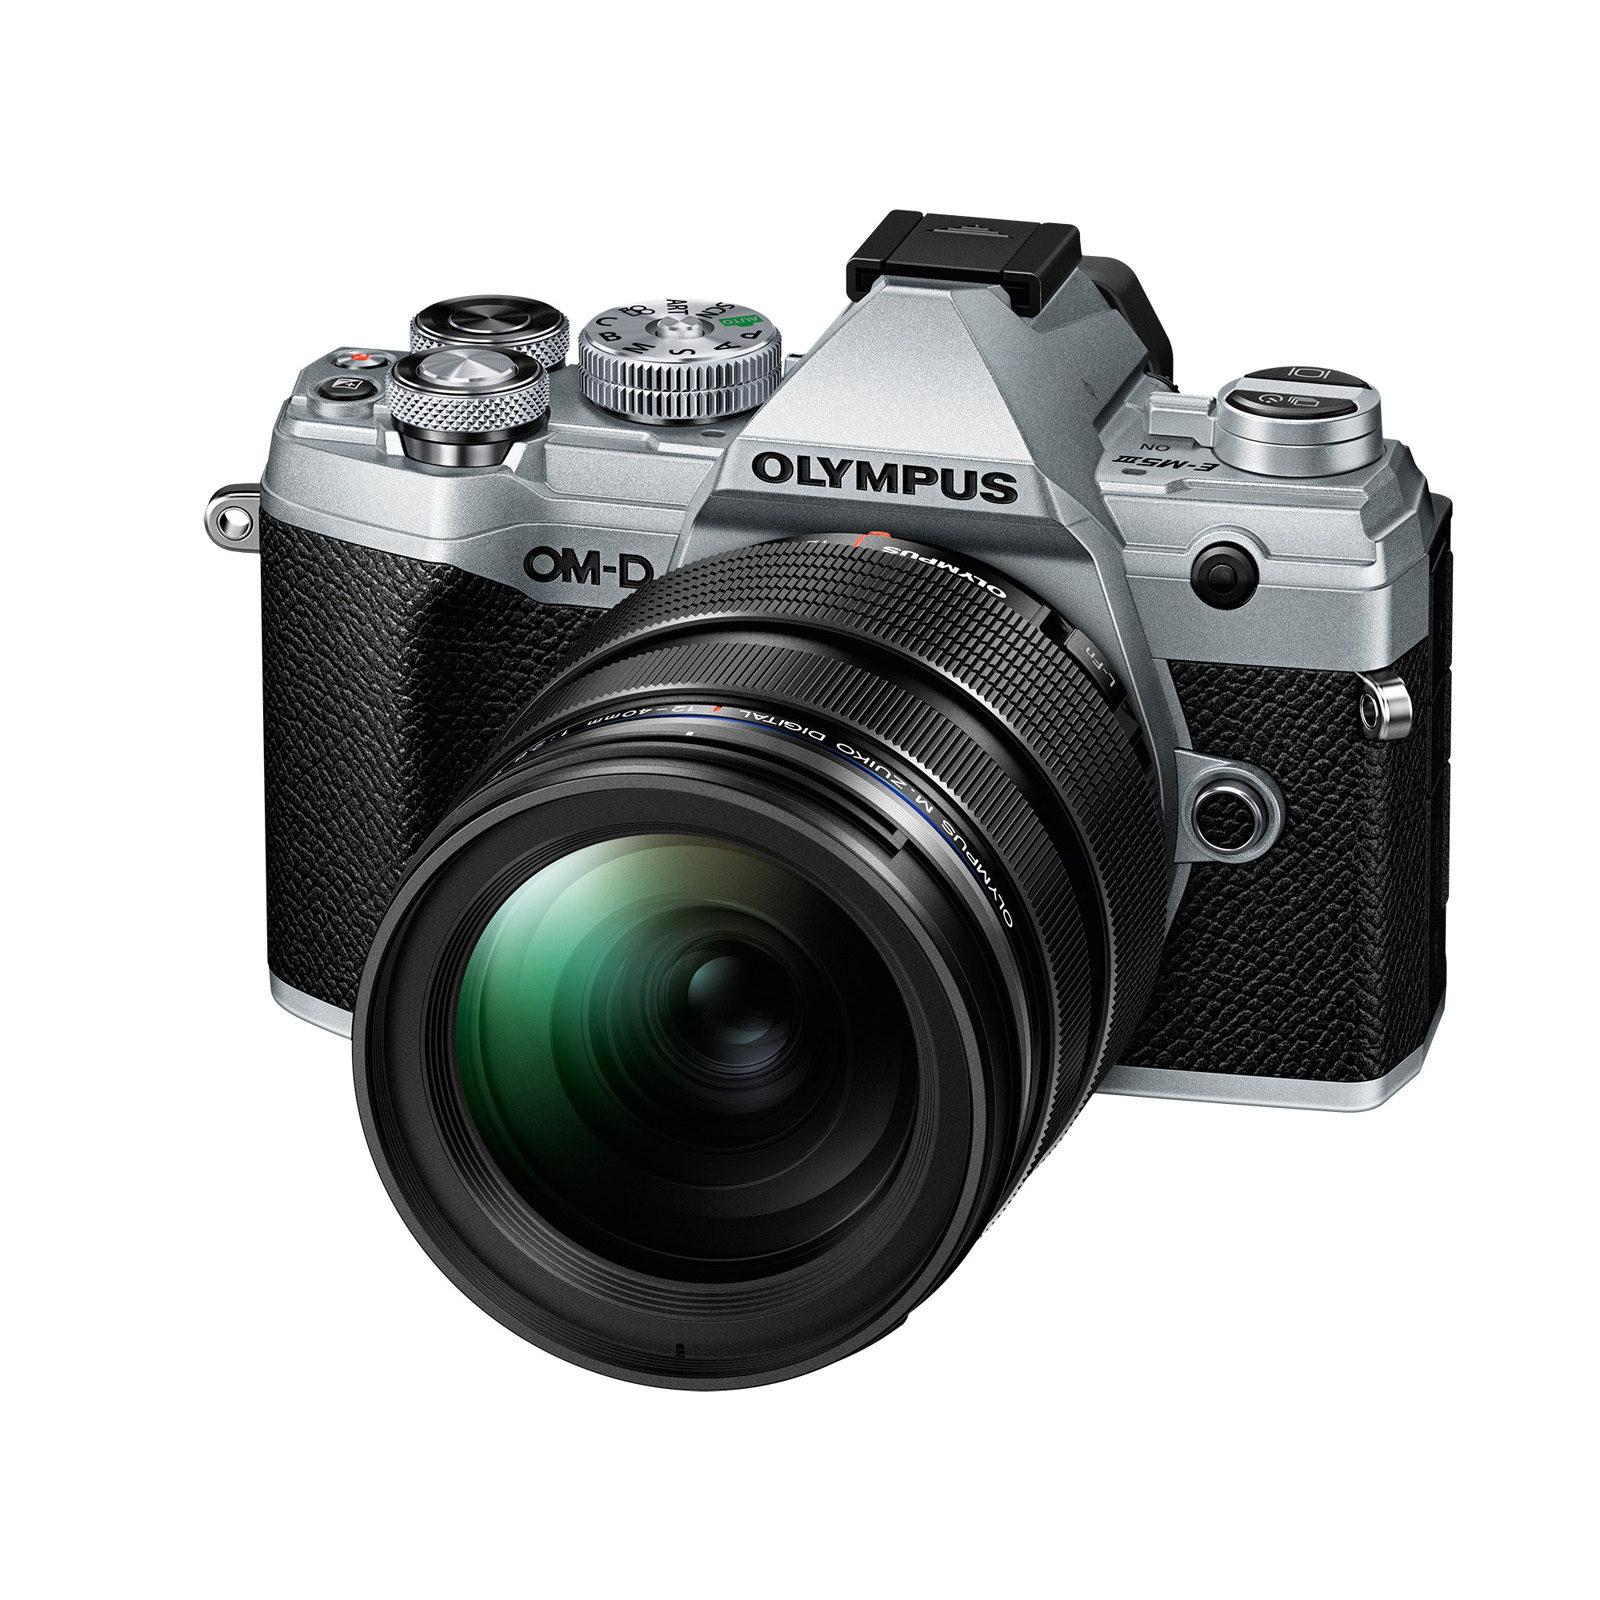 Olympus OM-D E-M5 Mark III systeemcamera Zilver + 12-40mm Zwart <br/>€ 1799.00 <br/> <a href='https://www.cameranu.nl/fotografie/?tt=12190_474631_241358_&r=https%3A%2F%2Fwww.cameranu.nl%2Fnl%2Fp3130127%2Folympus-om-d-e-m5-mark-iii-systeemcamera-zilver-12-40mm-zwart%3Fchannable%3De10841.MzEzMDEyNw%26utm_campaign%3D%26utm_content%3DOM-D%2Bserie%26utm_source%3DTradetracker%26utm_medium%3Dcpc%26utm_term%3DDigitale%2Bcamera%26apos%3Bs' target='_blank'>naar de winkel</a>